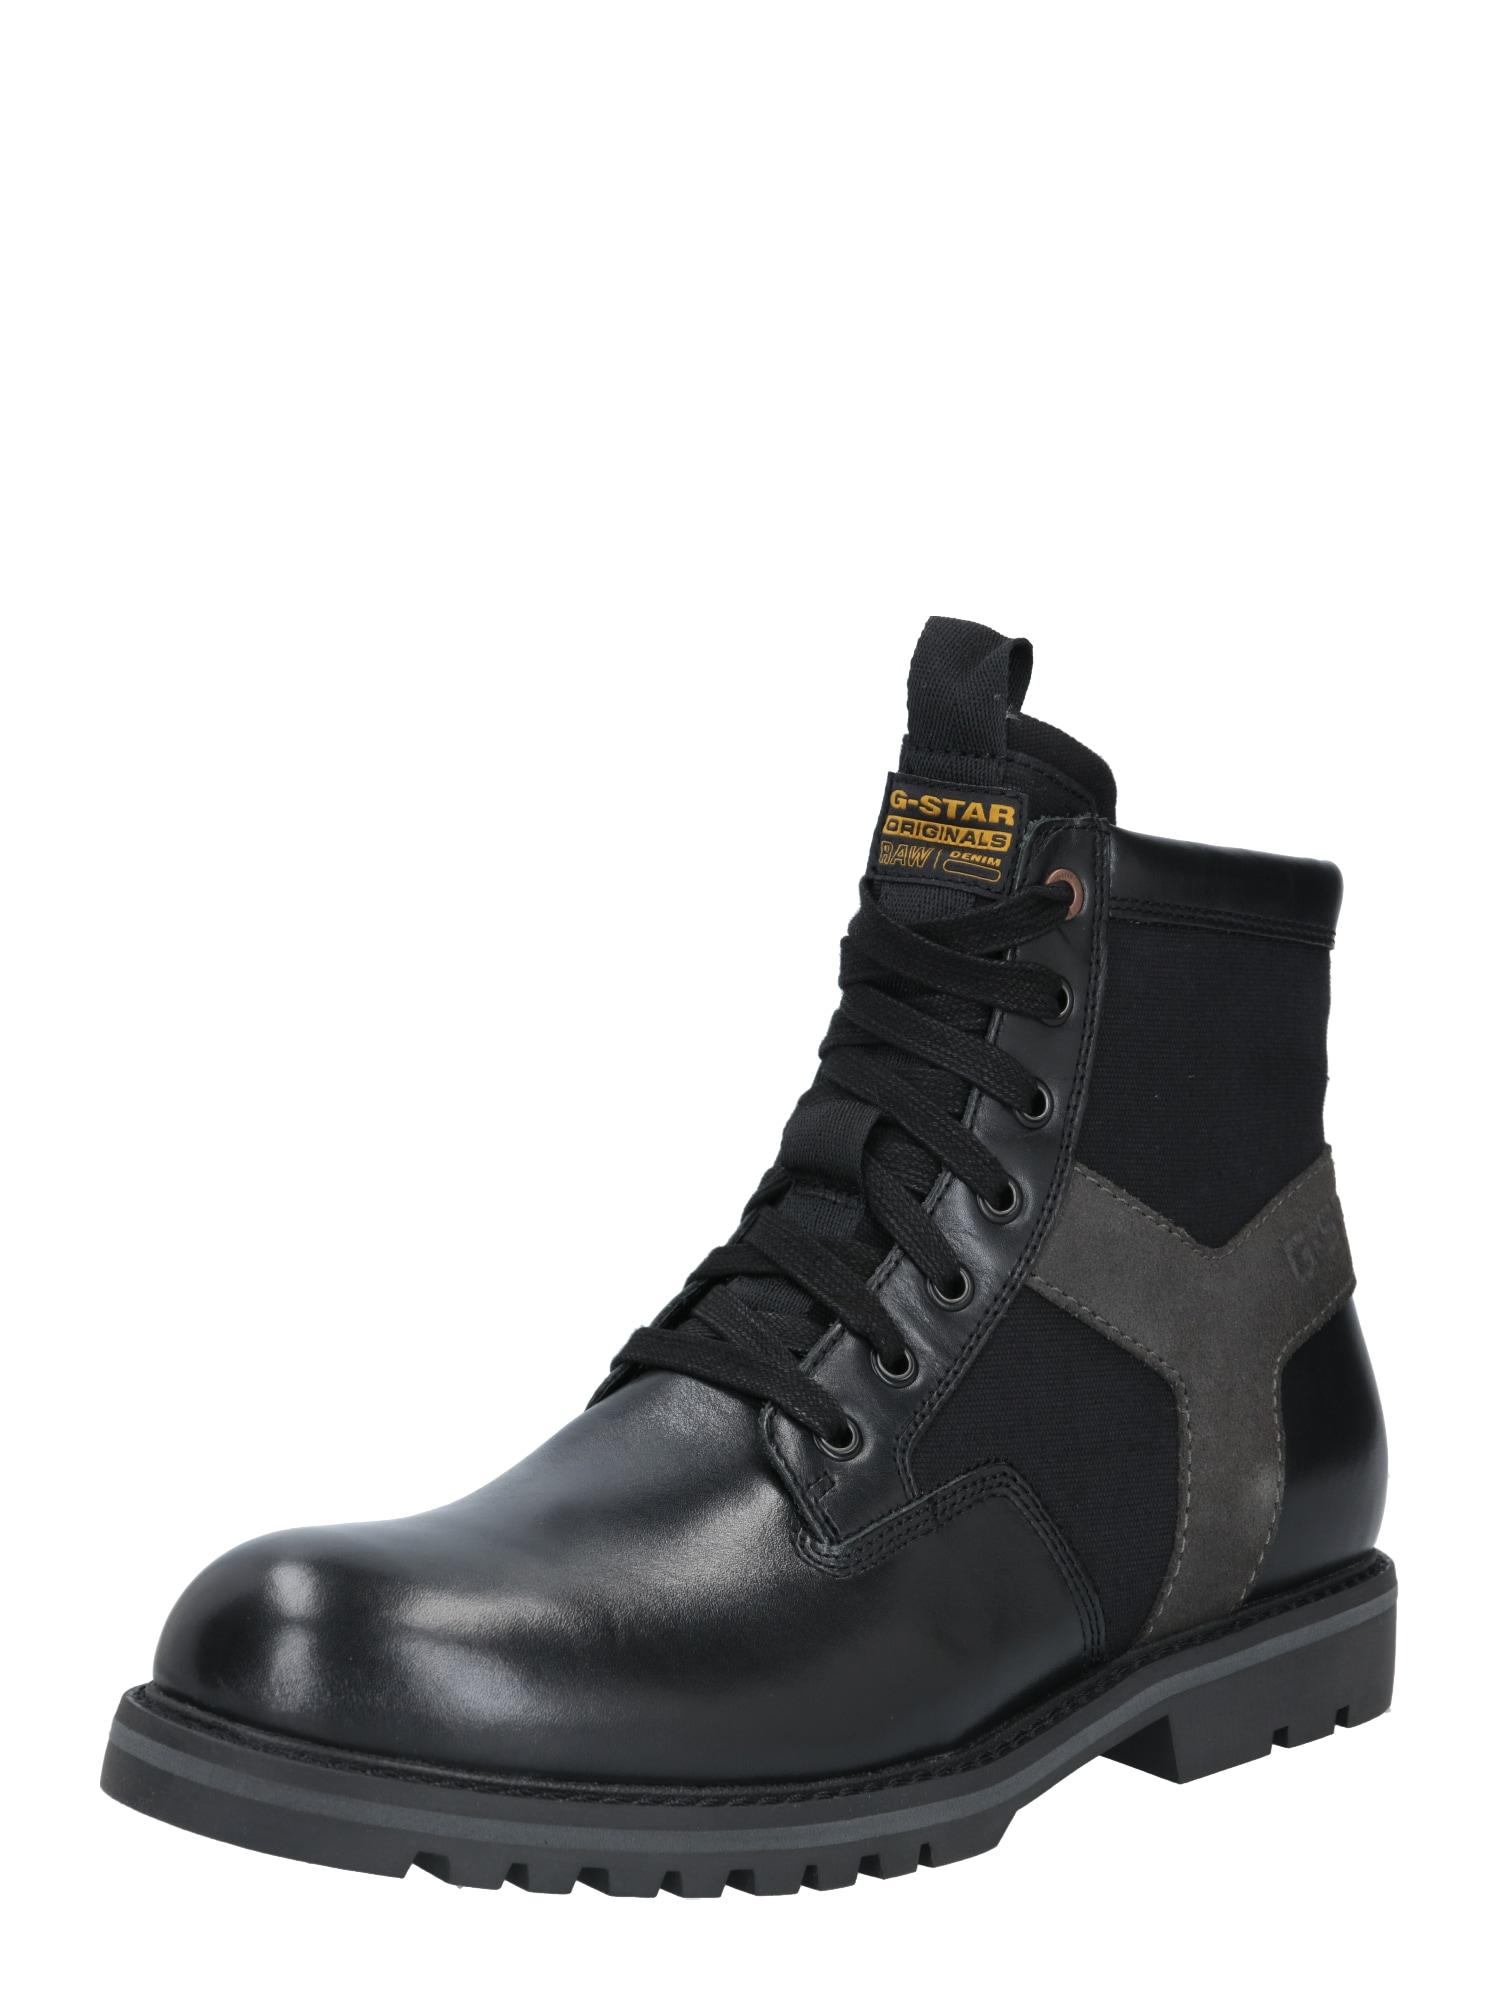 G-Star RAW Auliniai batai su raišteliais